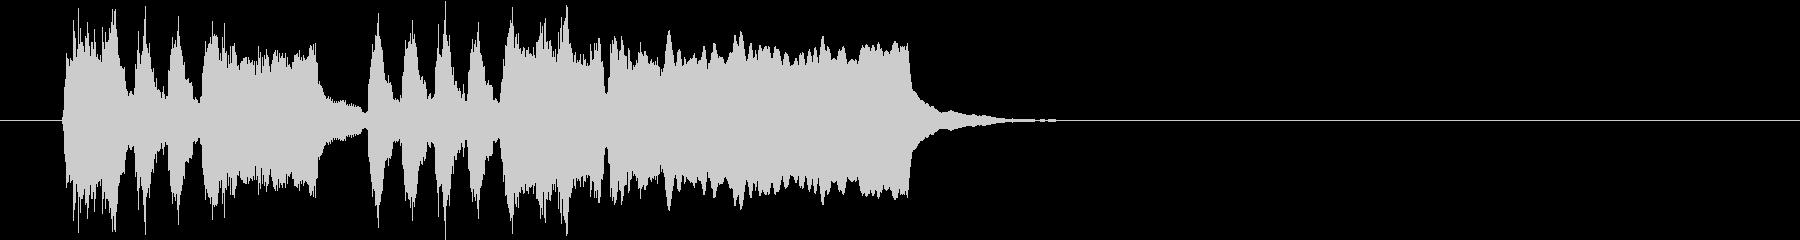 Tpファンファーレ 華やかめ速めの未再生の波形